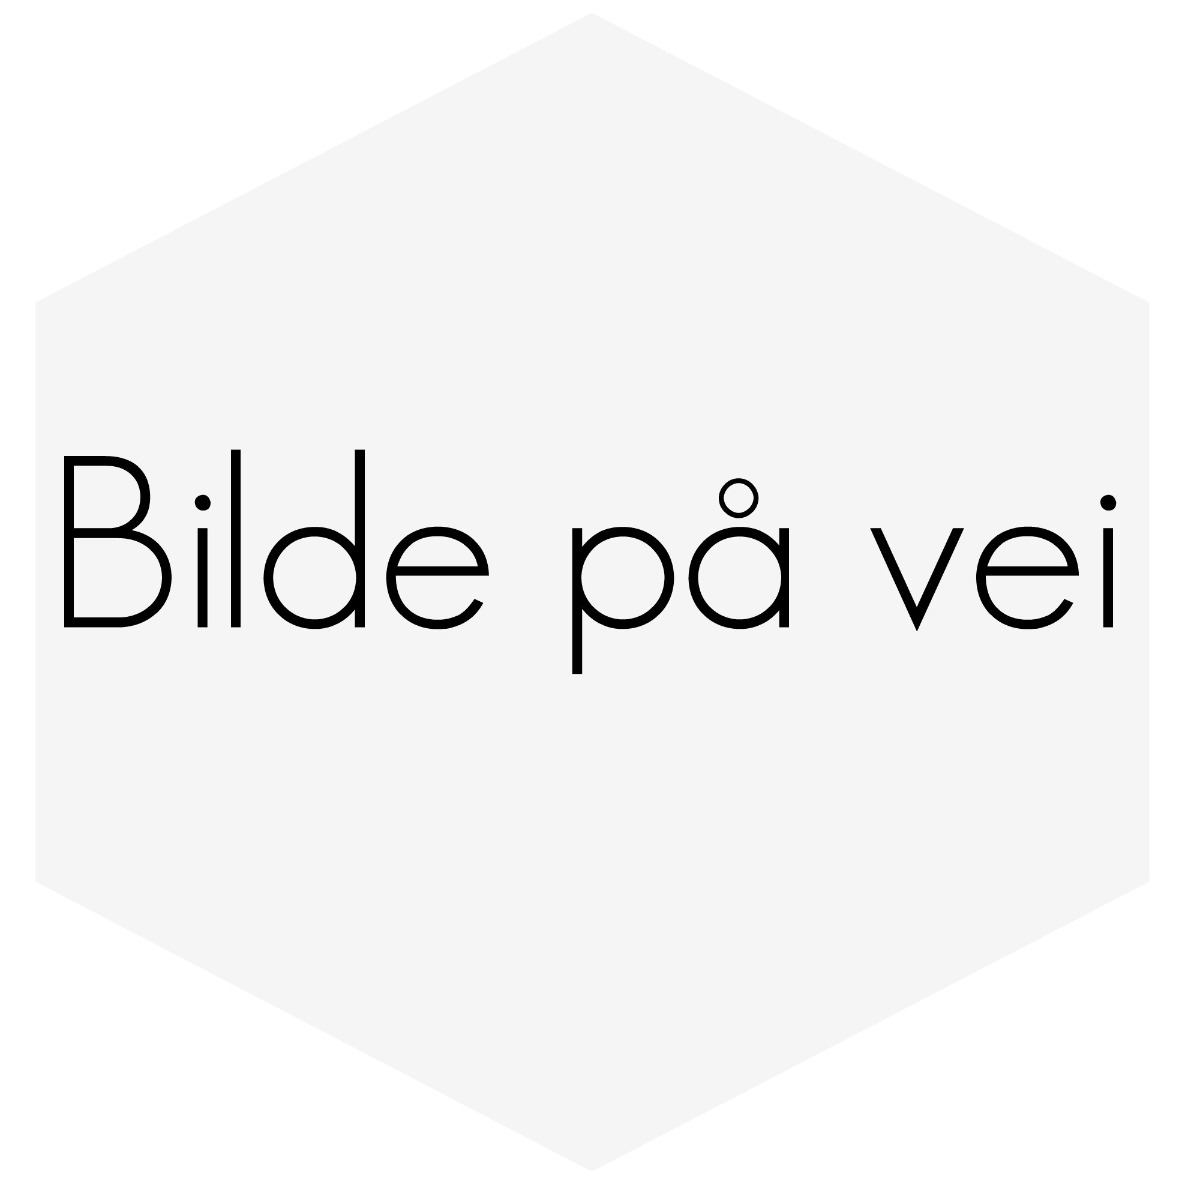 KAMAKSEL FIN GATEKAM ØKER AKSELASJON OG DREIMOMENT